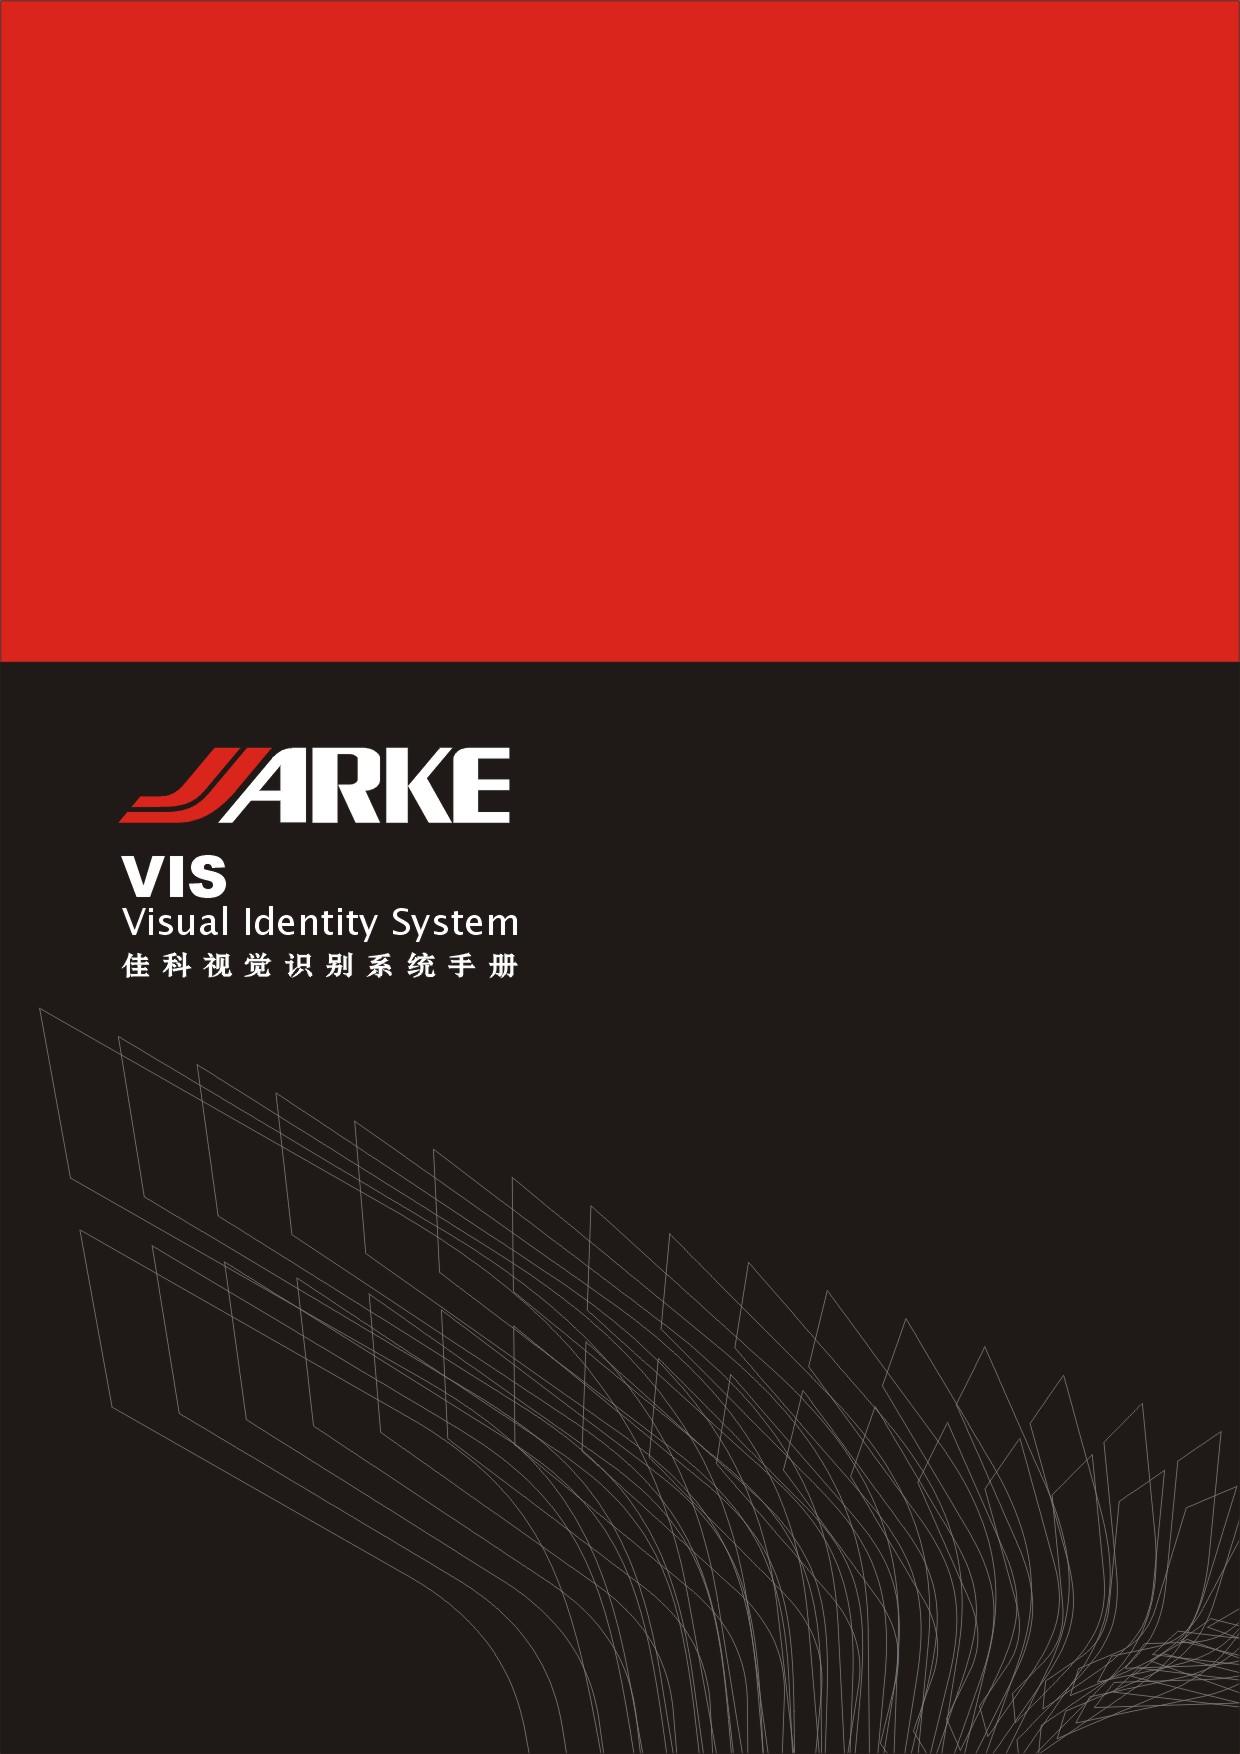 a17事务用品类 佳科 vis 视觉识别手册,佳科电器-整套vi矢量素材-a17